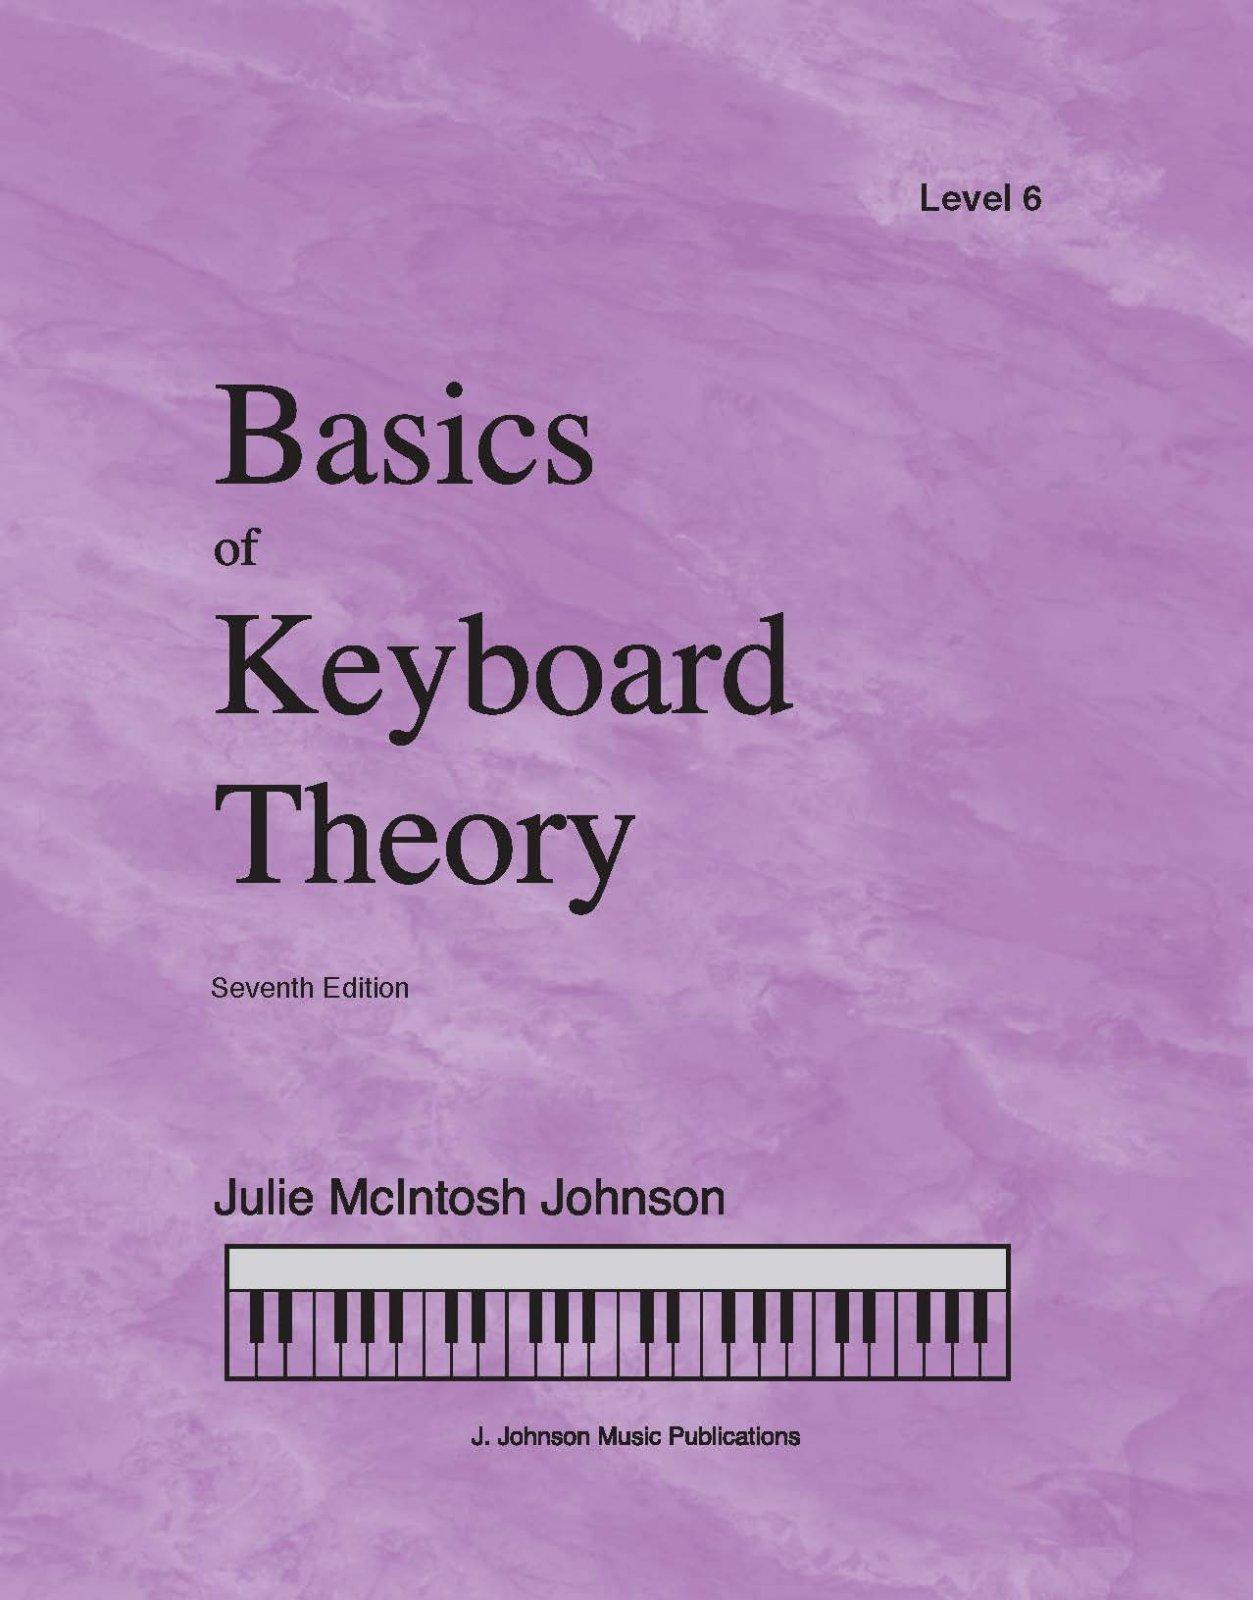 Basics Of Keyboard Theory Level 6 Julie Johnson